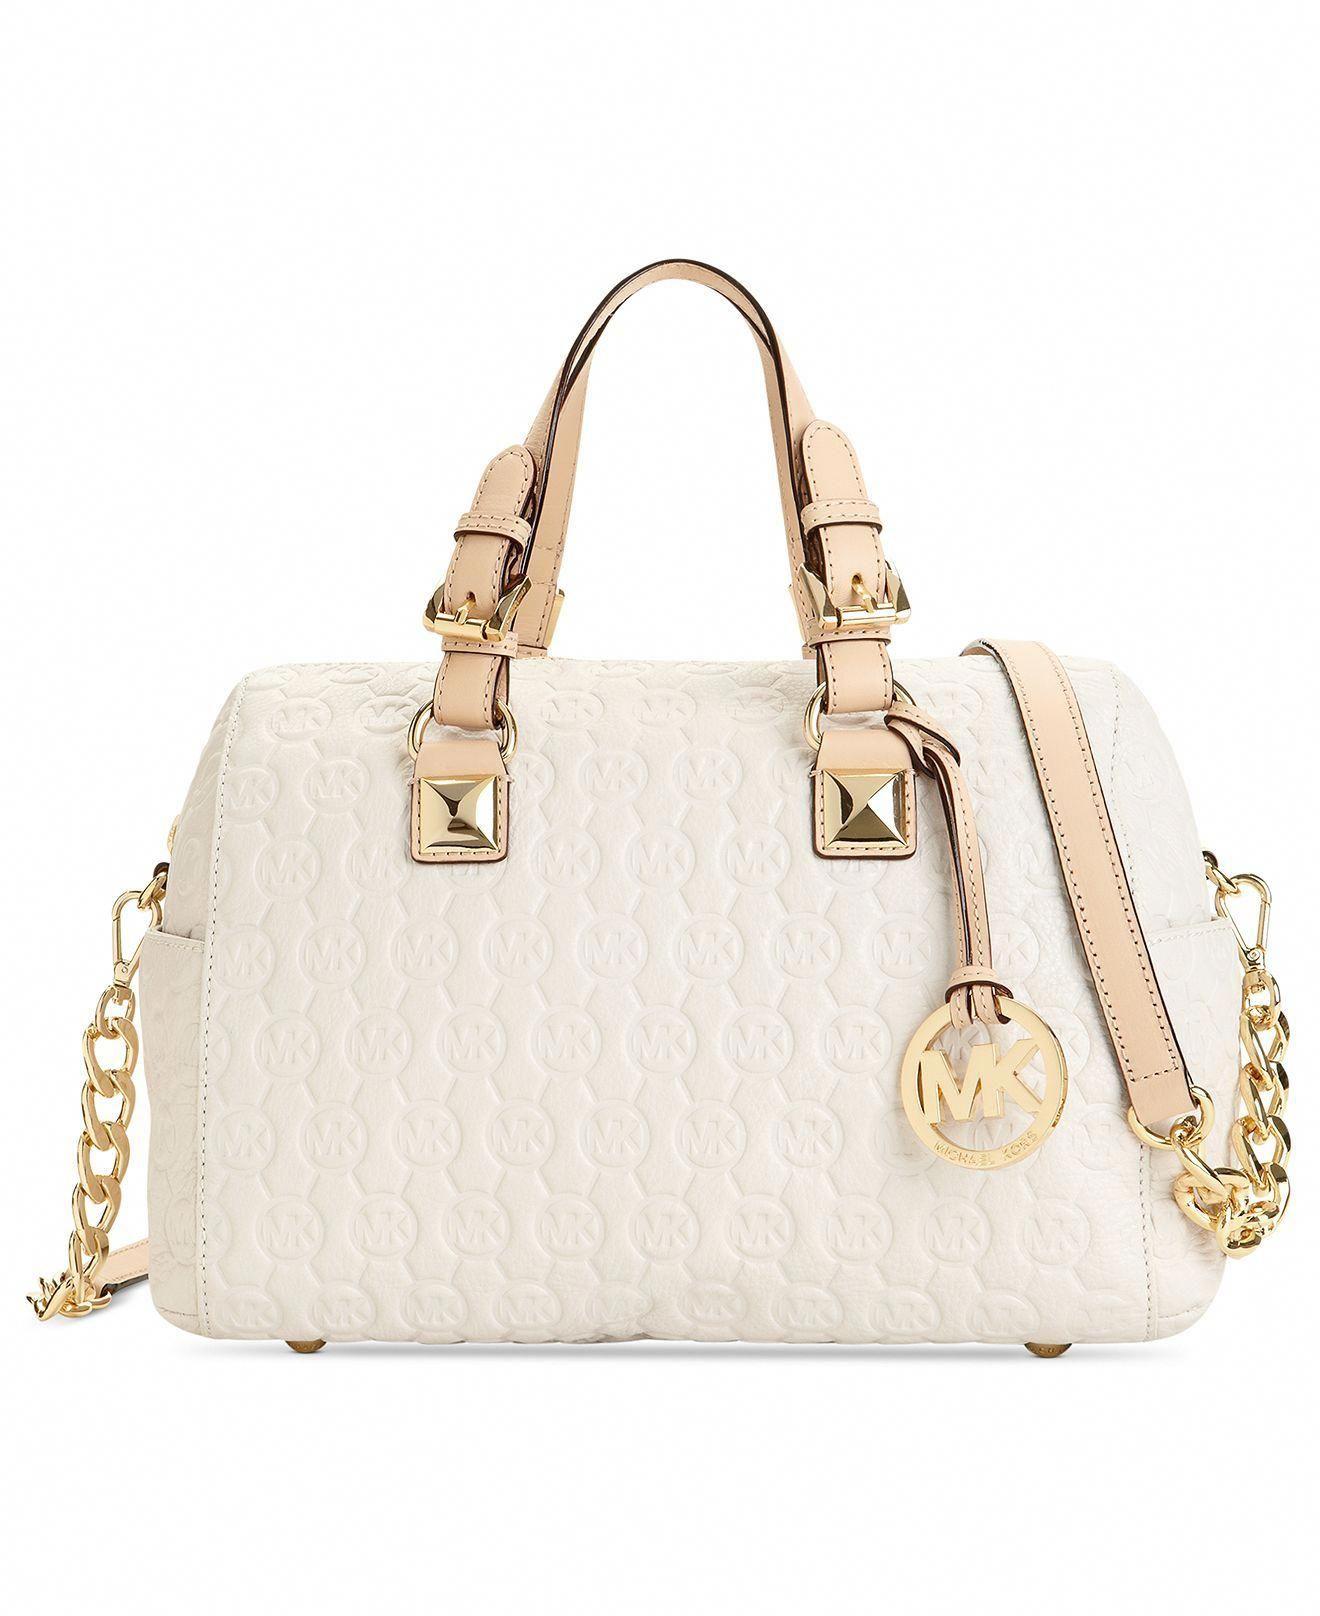 7f03588a8105 MICHAEL Michael Kors Handbag